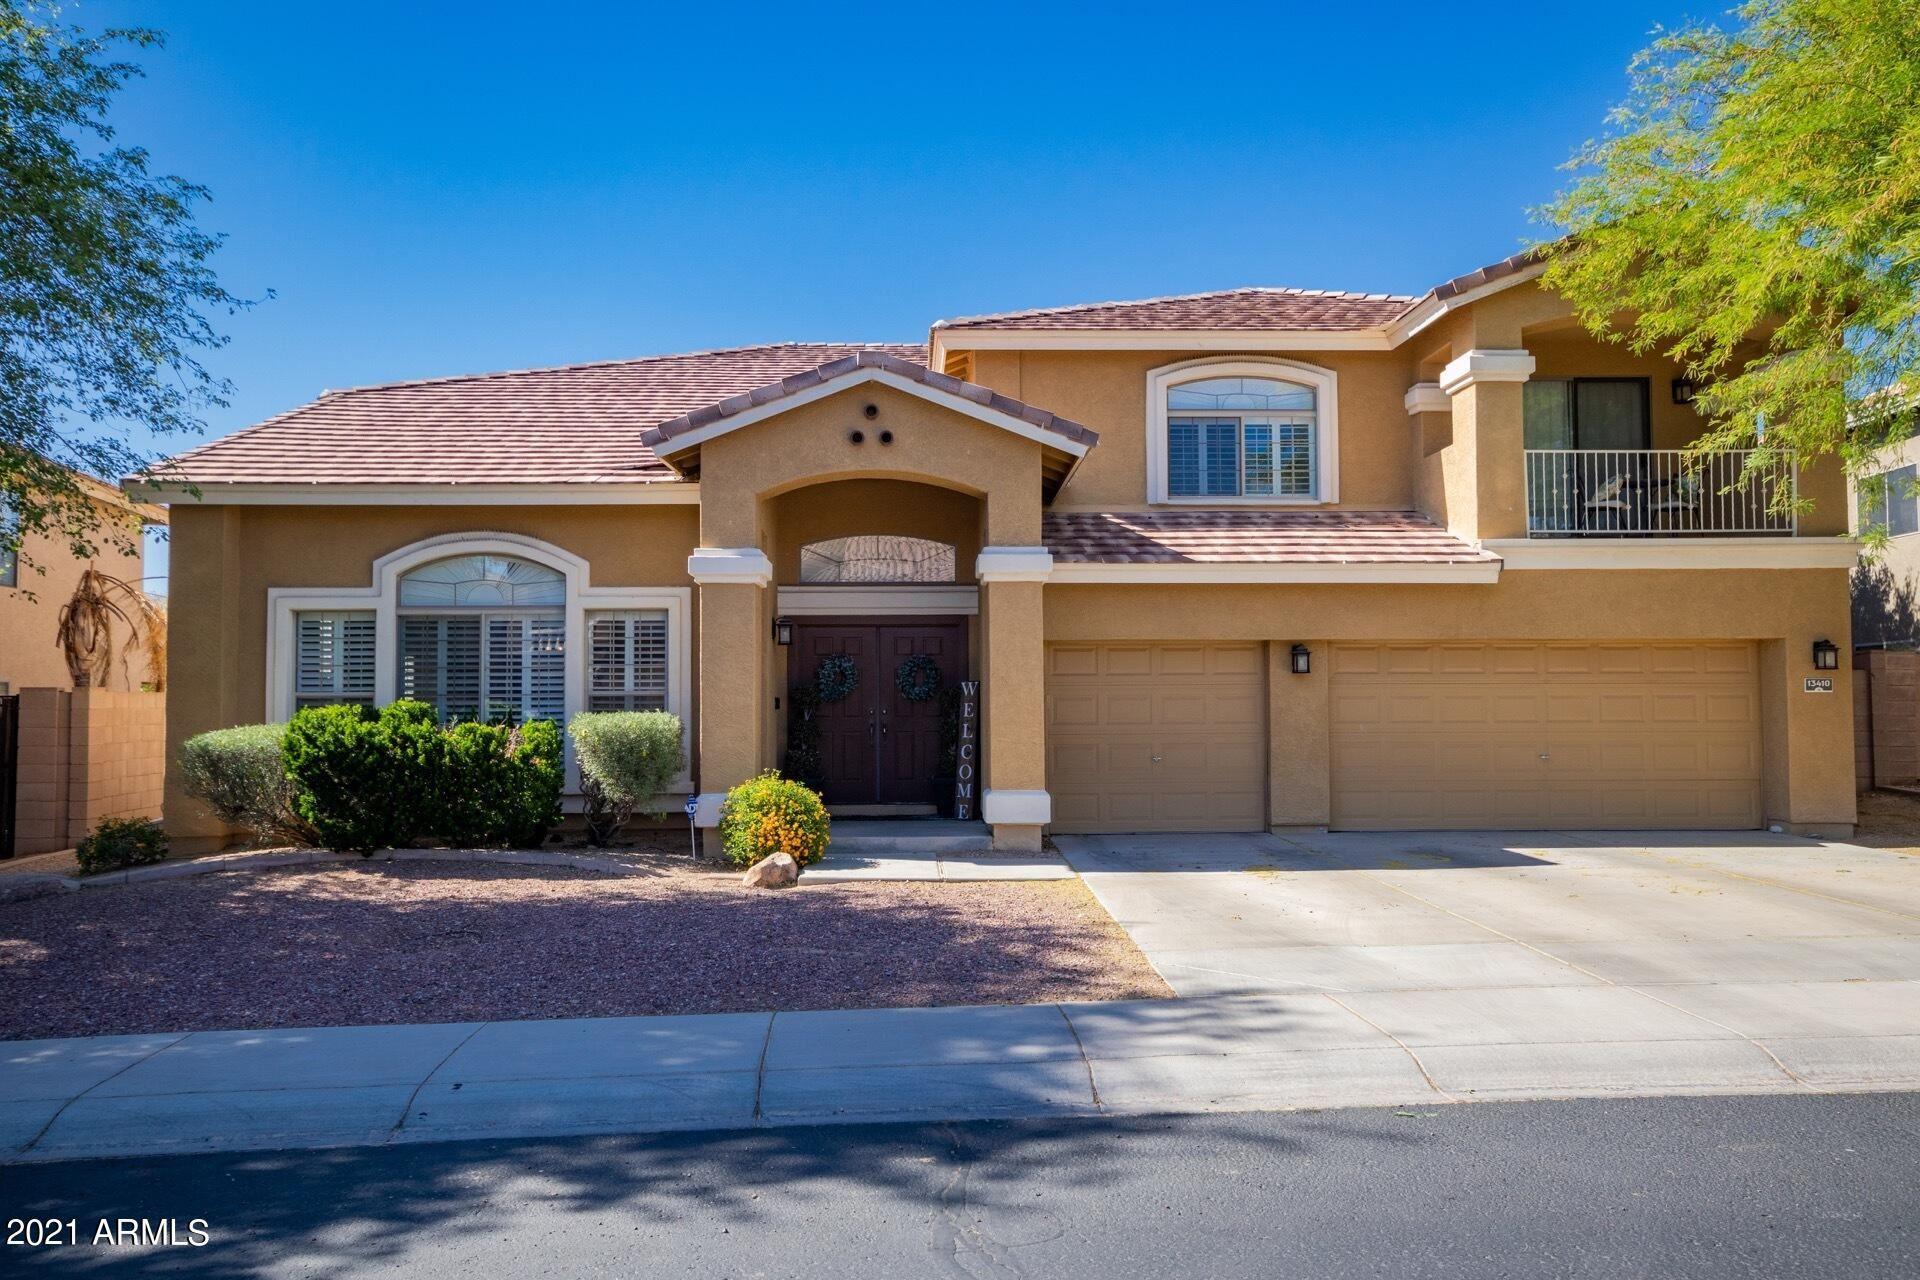 Photo of 13410 W PALO VERDE Drive, Litchfield Park, AZ 85340 (MLS # 6229564)